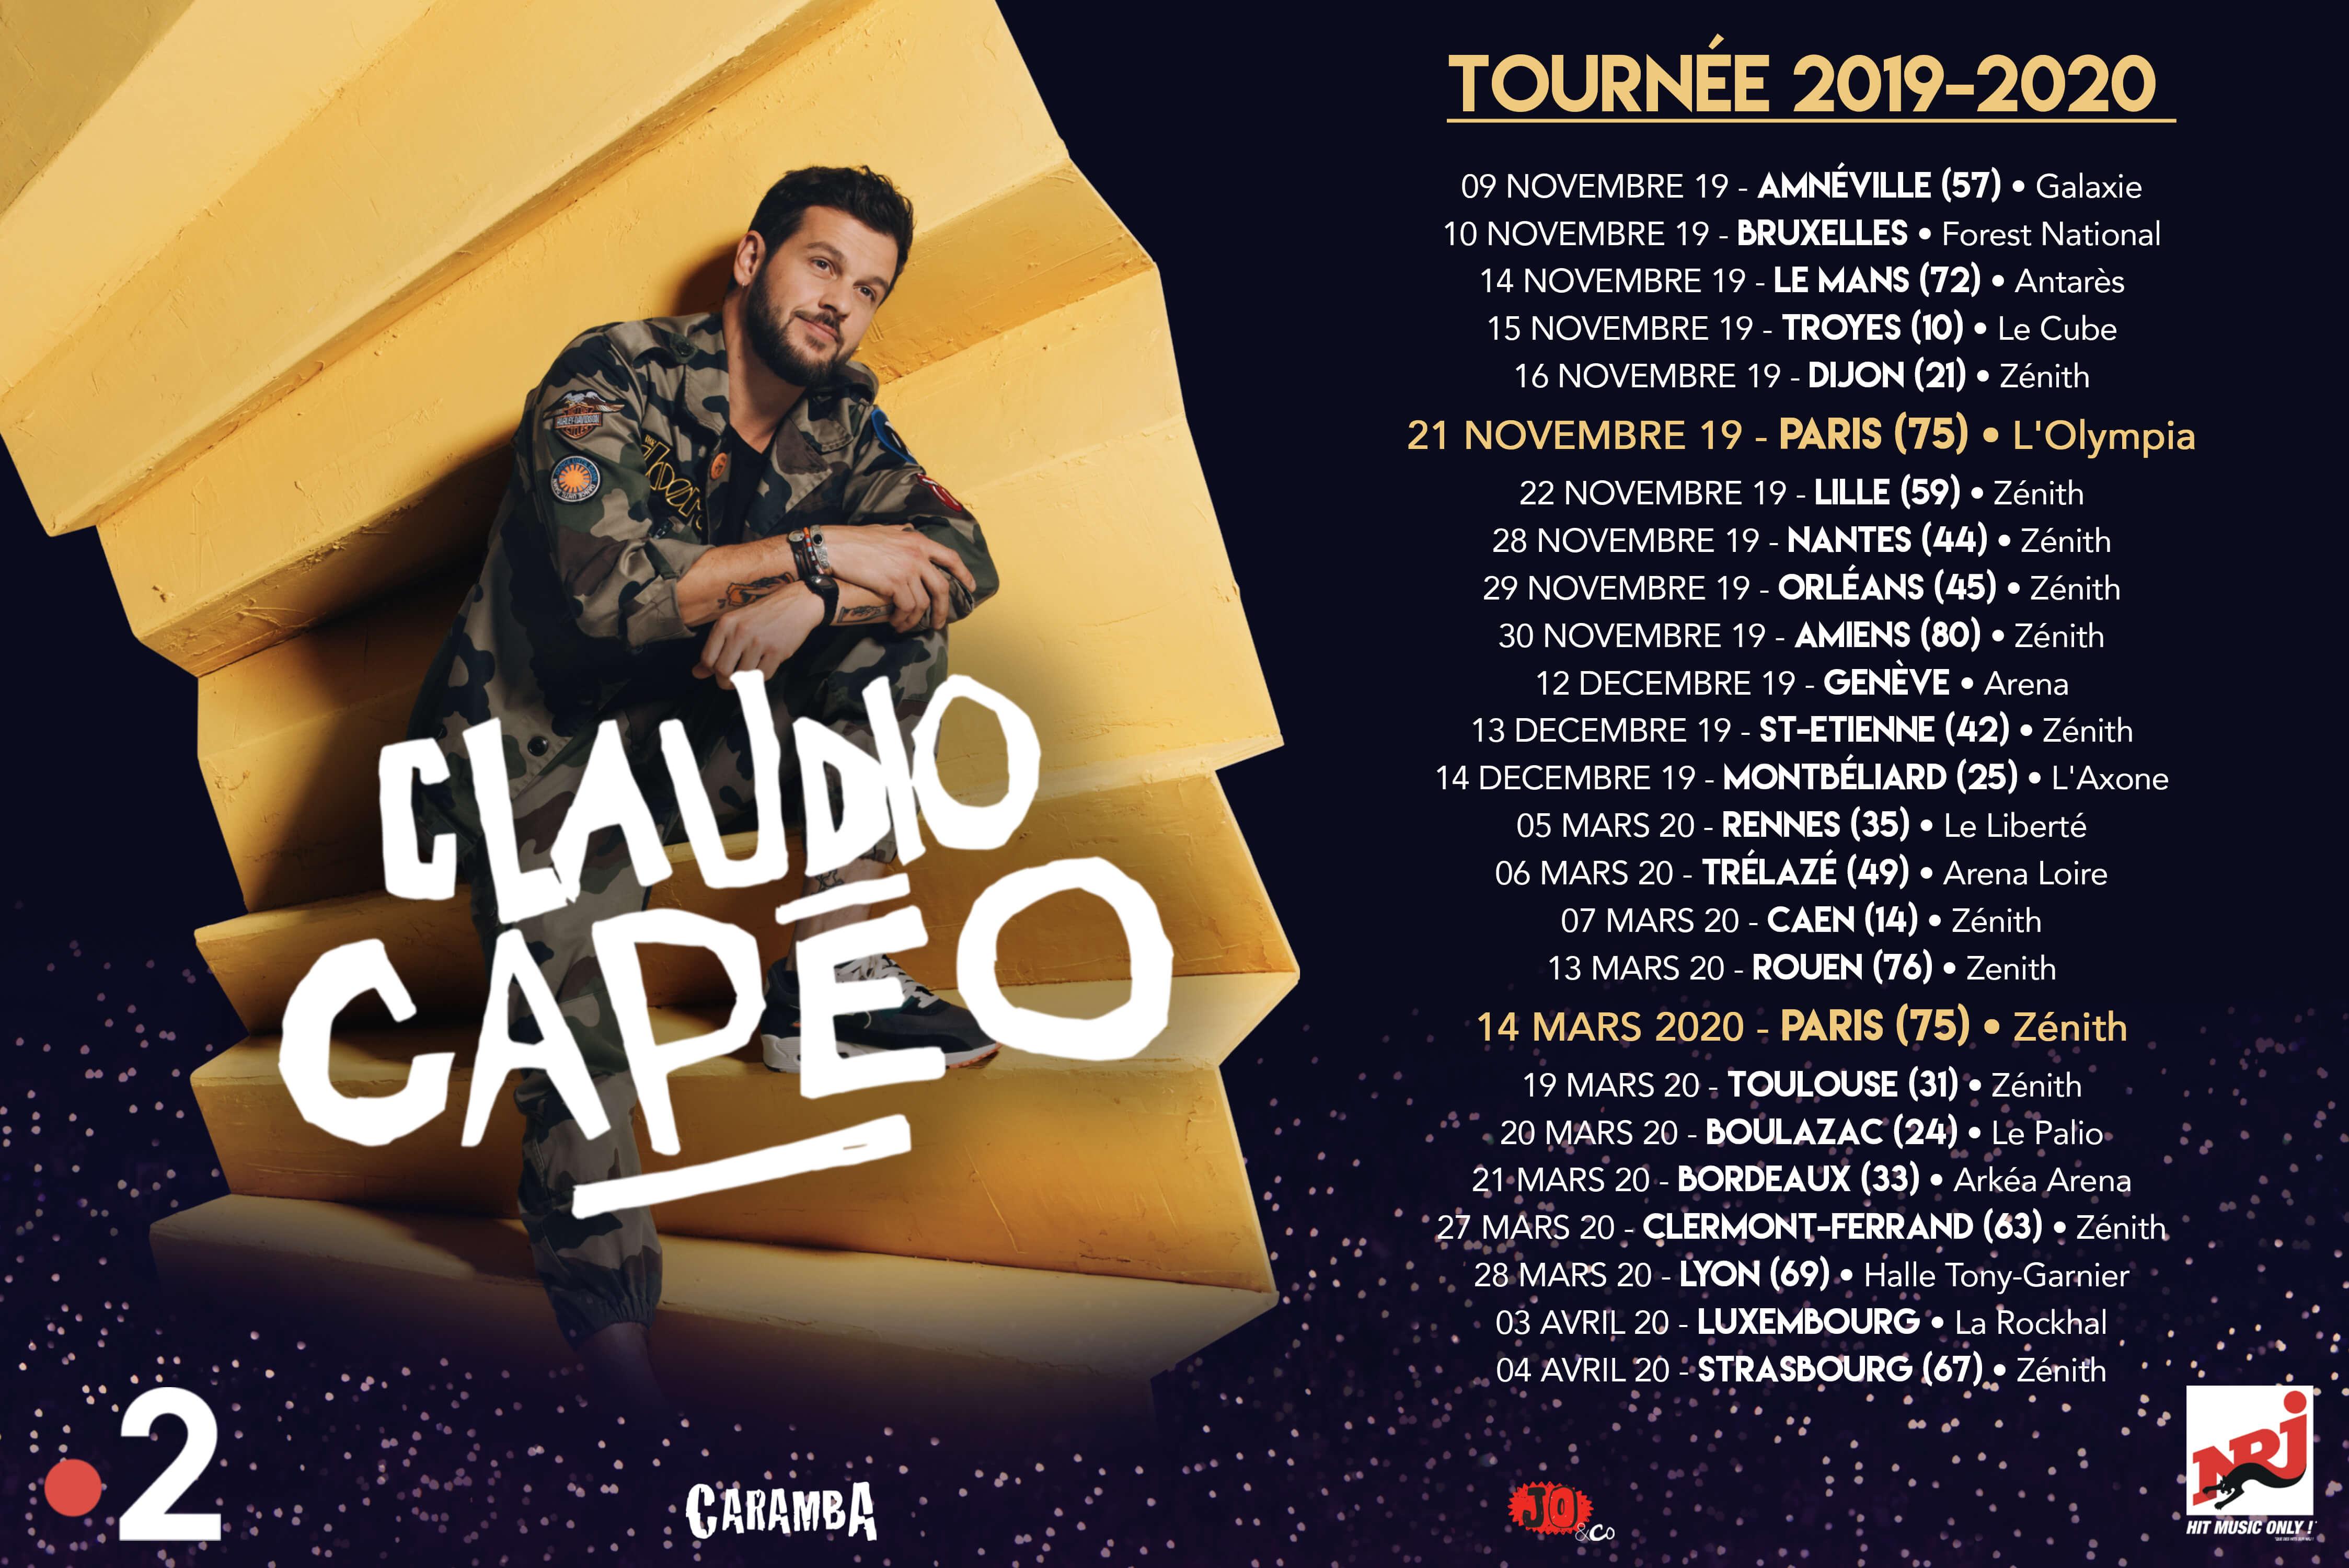 Claudio Capéo - Tournée - Album - Tant que rien ne m'arrête - réédition